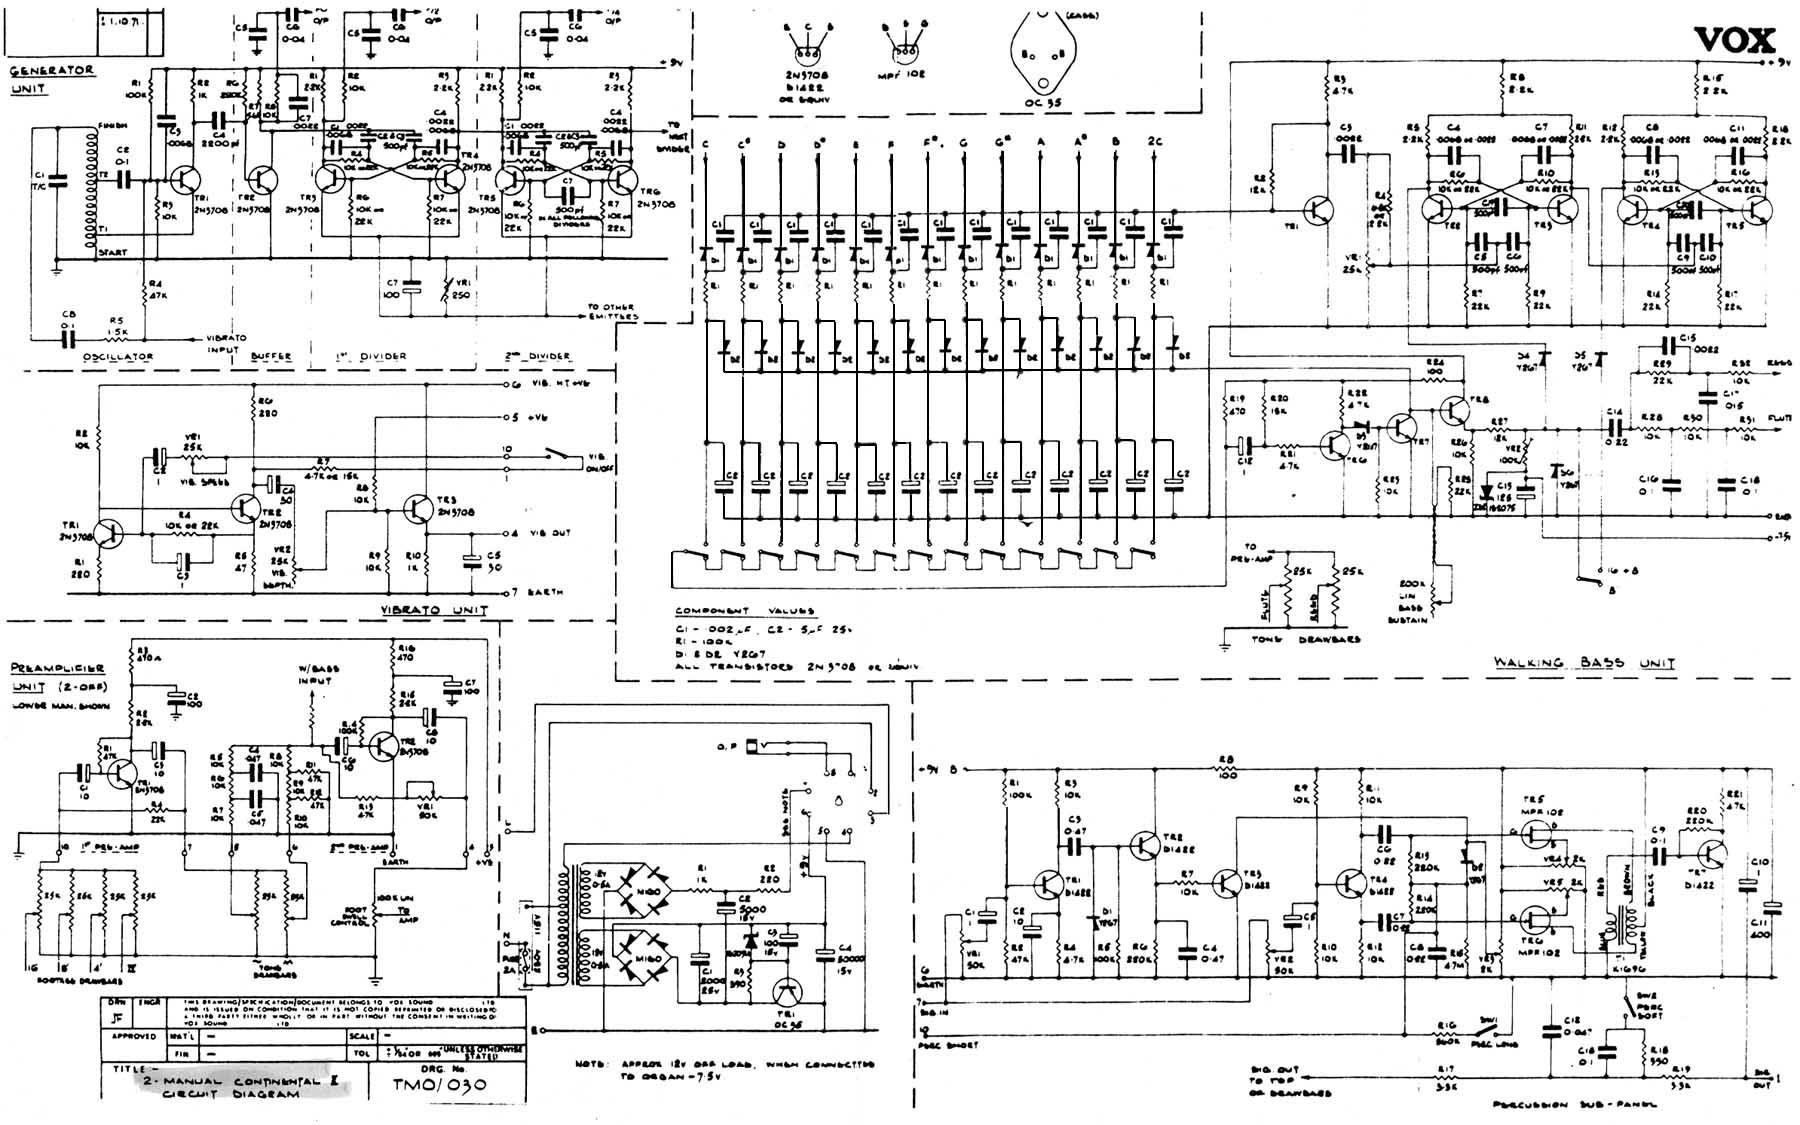 Surprising Vox Vintage Circuit Diagrams Wiring Cloud Ymoonsalvmohammedshrineorg